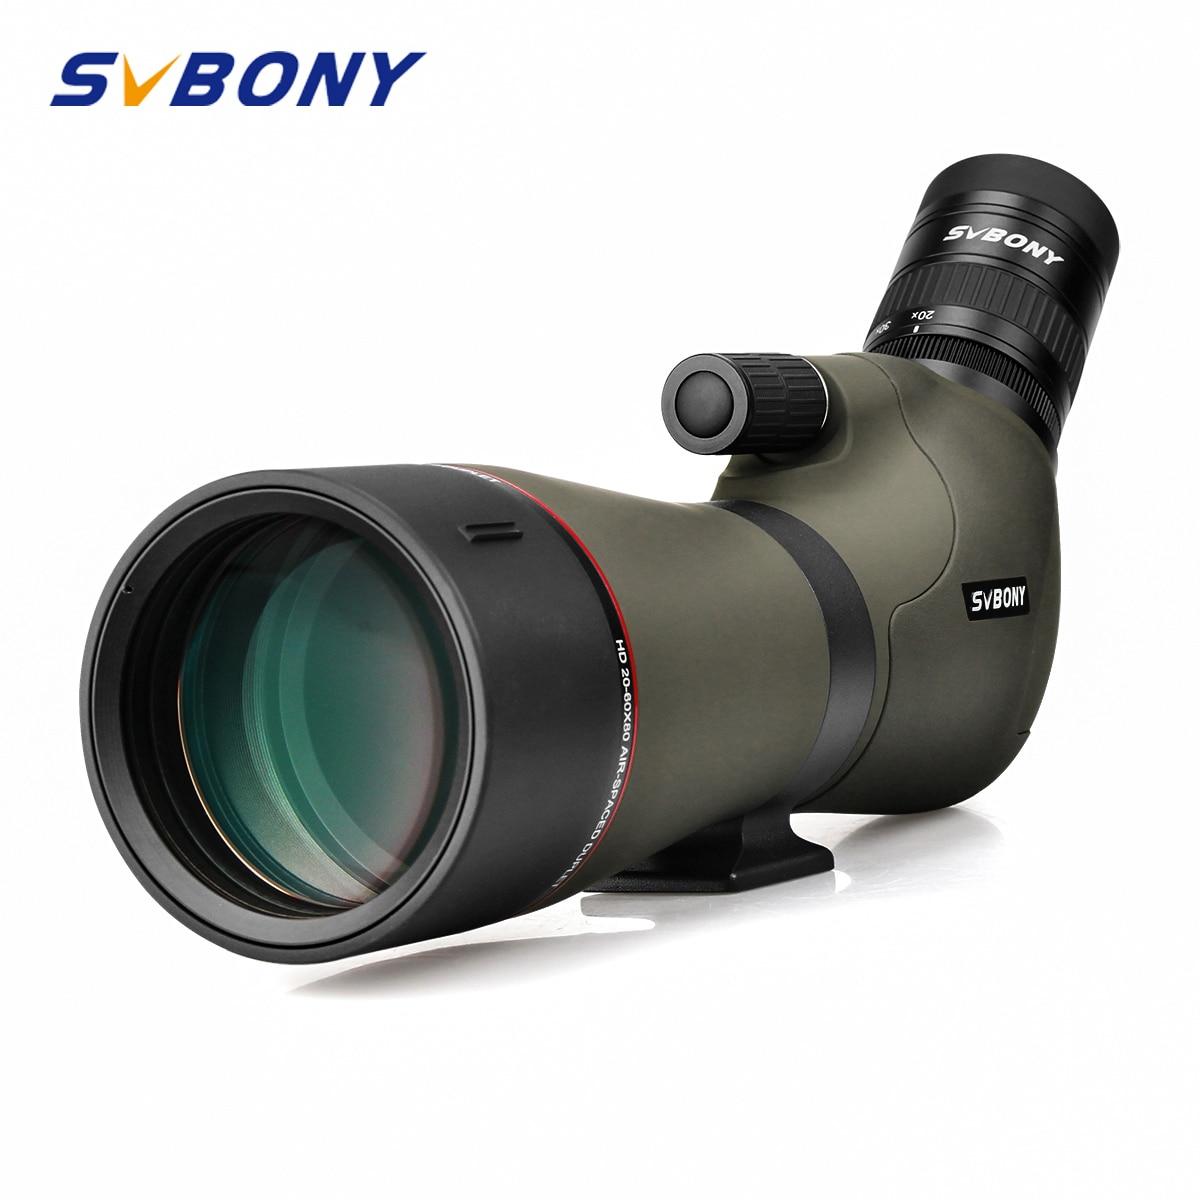 SVBONY 20 60x80 Spotting Scope Zoom Nitrogen Filled Water proof Telescope Dual Focus Mechanism Metal Body